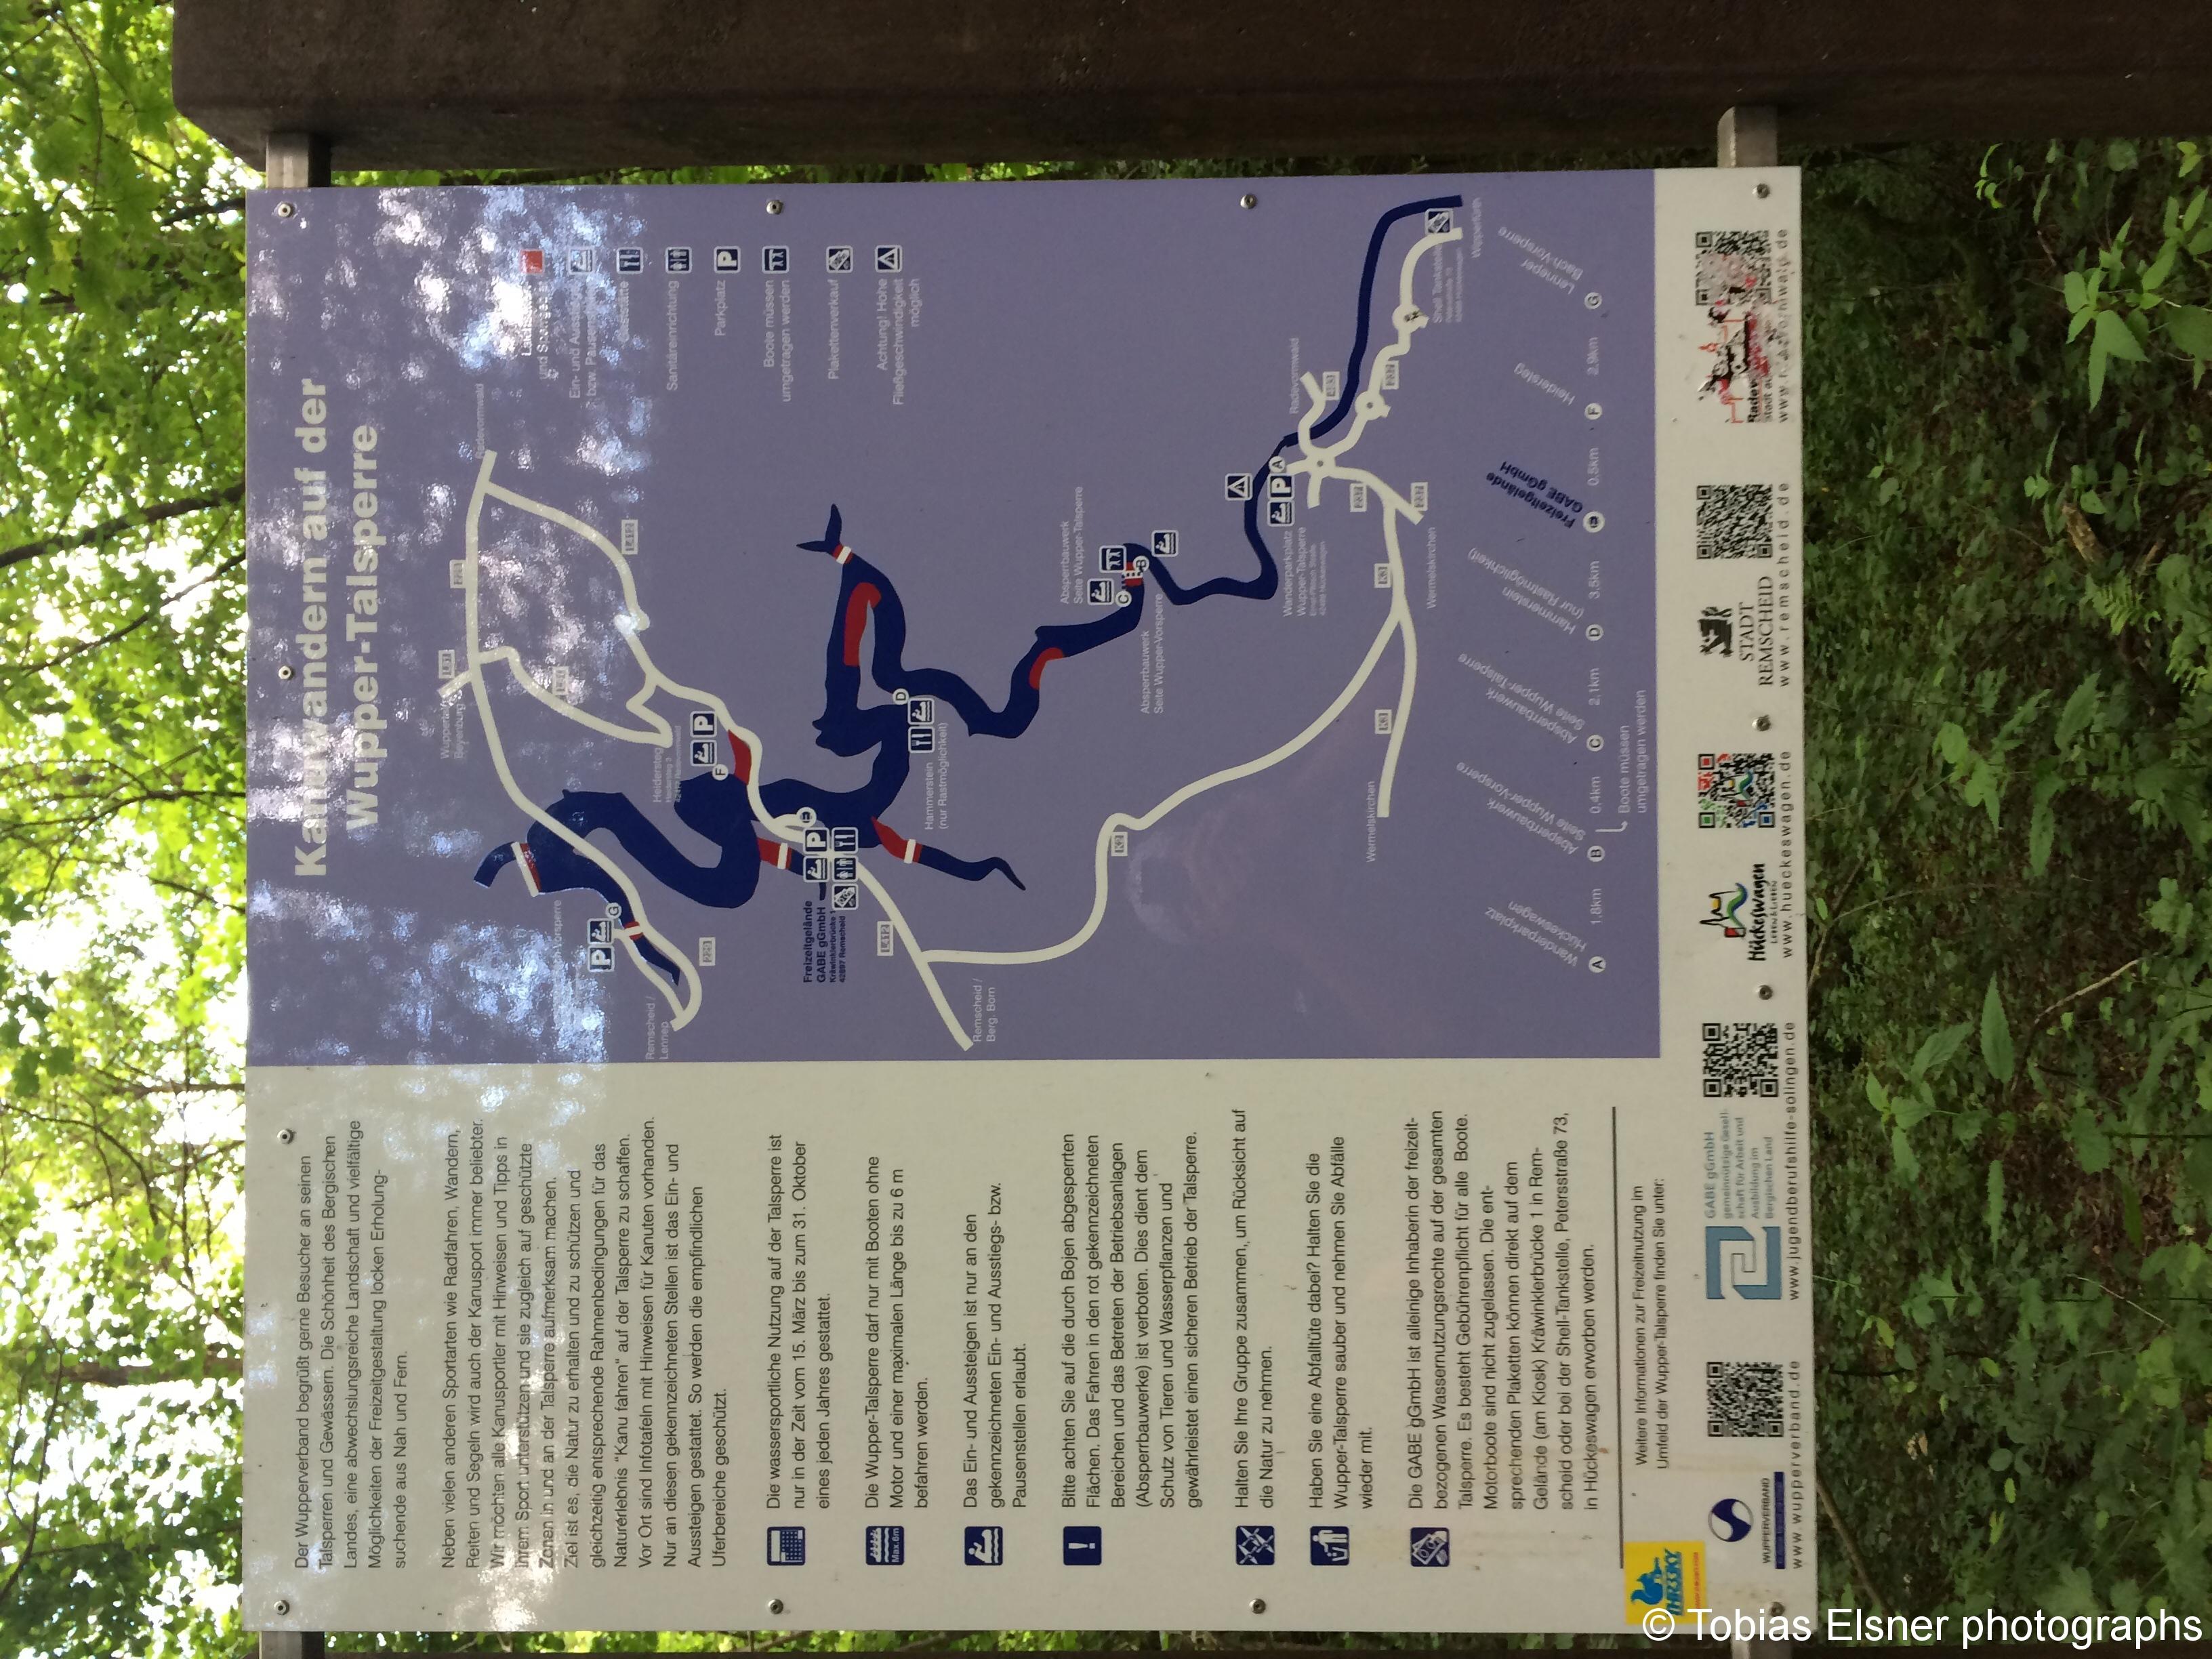 Wanderung Wald Wasser Wolle Weg Radevormwald 2014 Nr.85